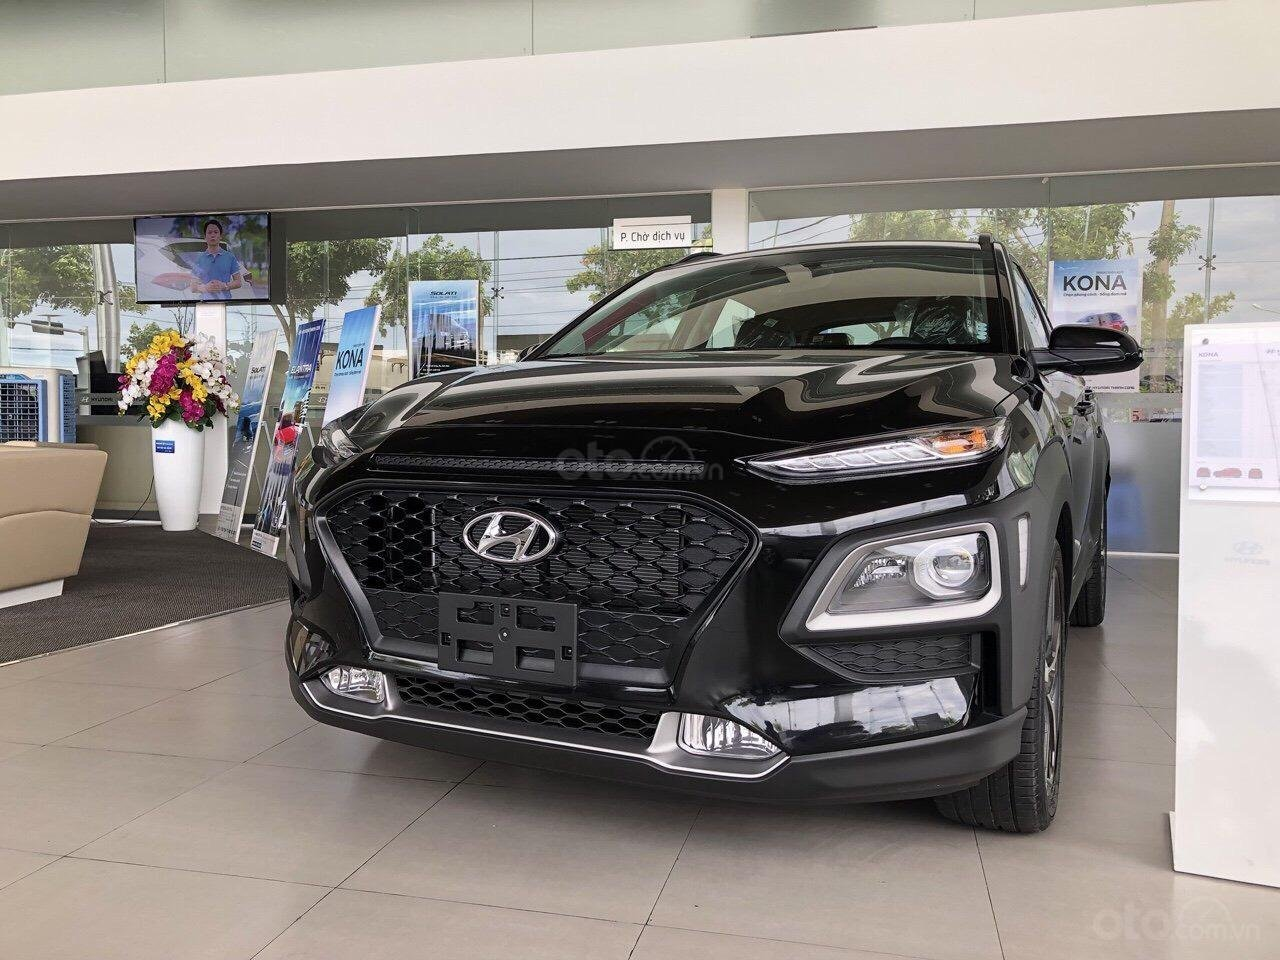 Cần bán Hyundai Kona 2019, tặng ngay 3 món phụ kiện khi đặt cọc xe, liên hệ: 0905976950 (1)